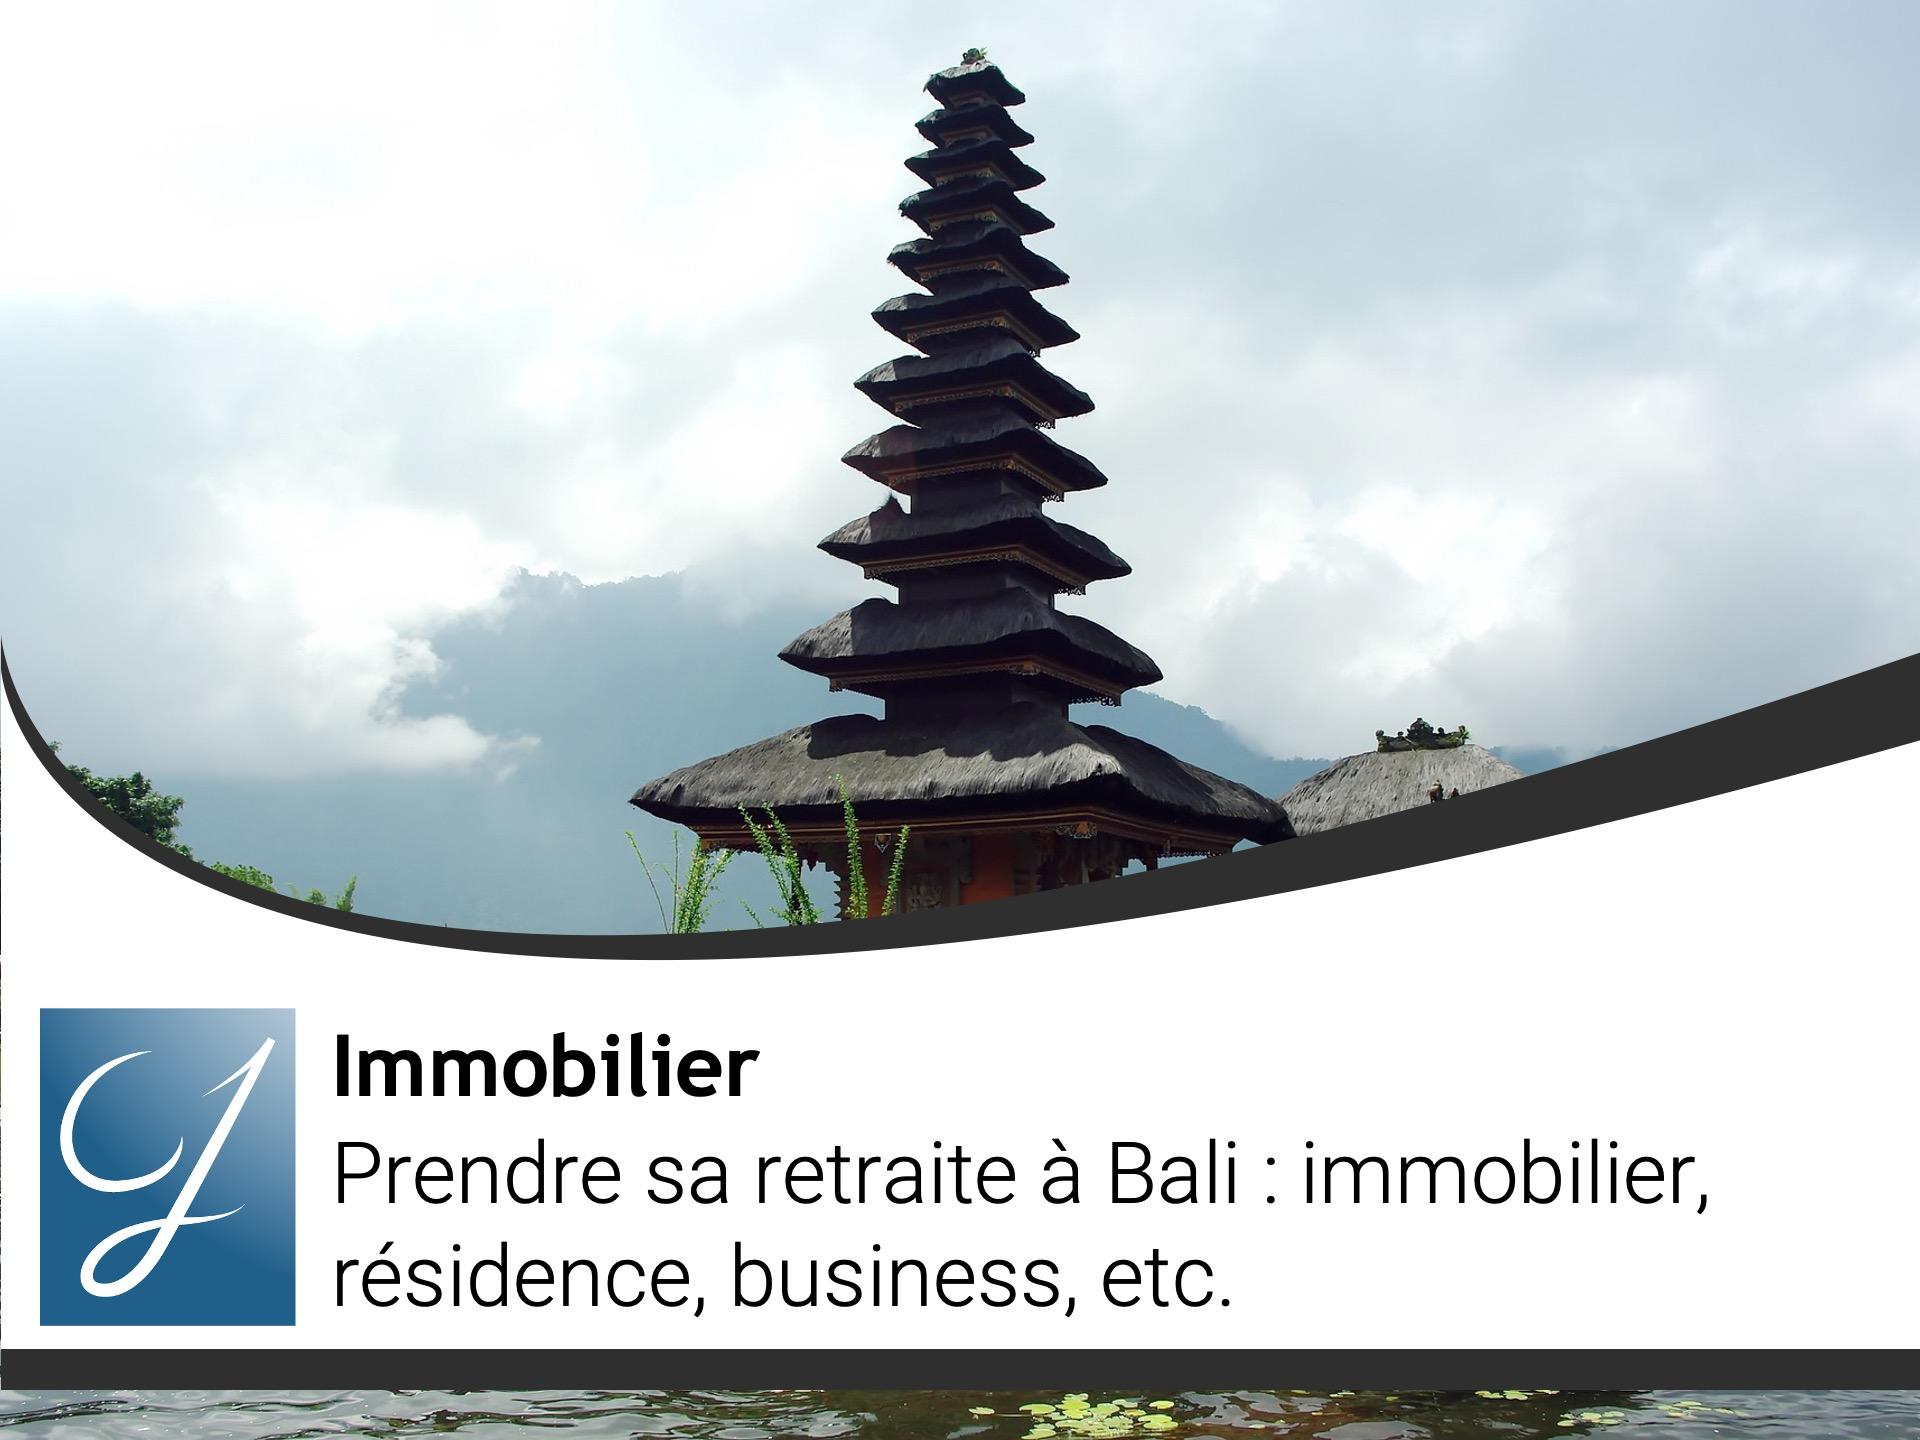 Prendre sa retraite à Bali : immobilier, résidence, business,...